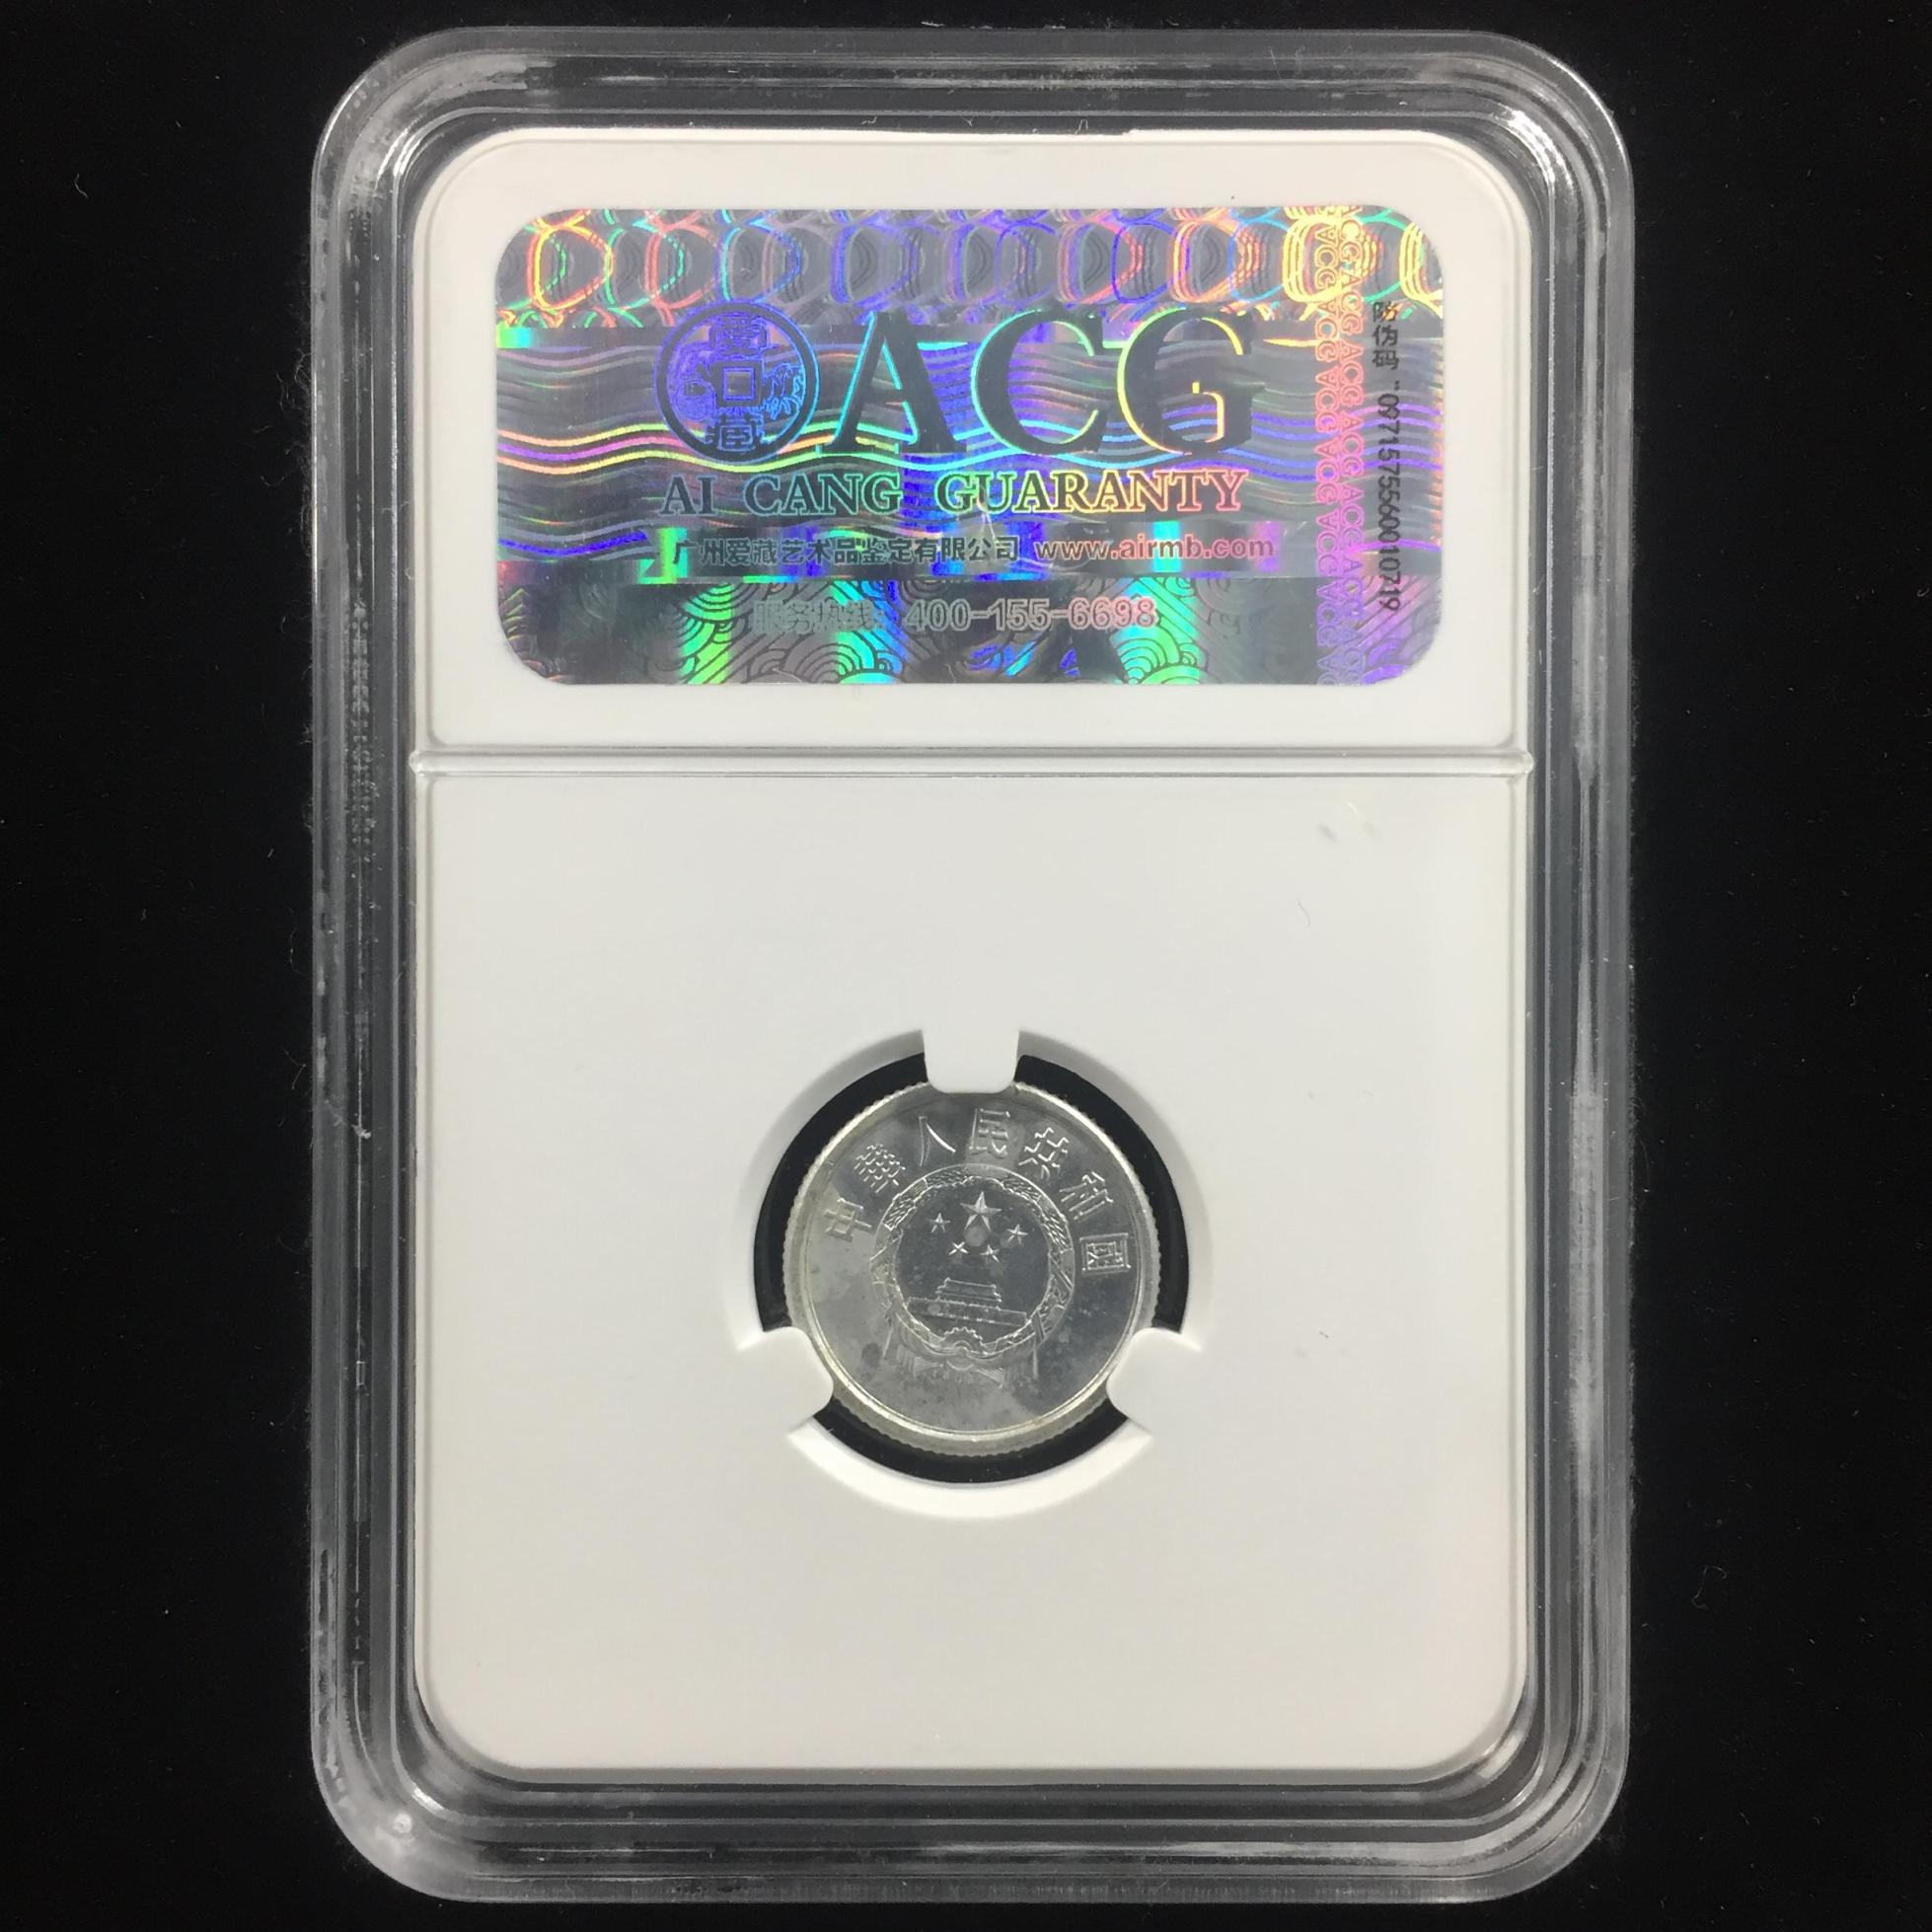 模裂币→1983年1分硬币→ACG鉴定证书-10757301